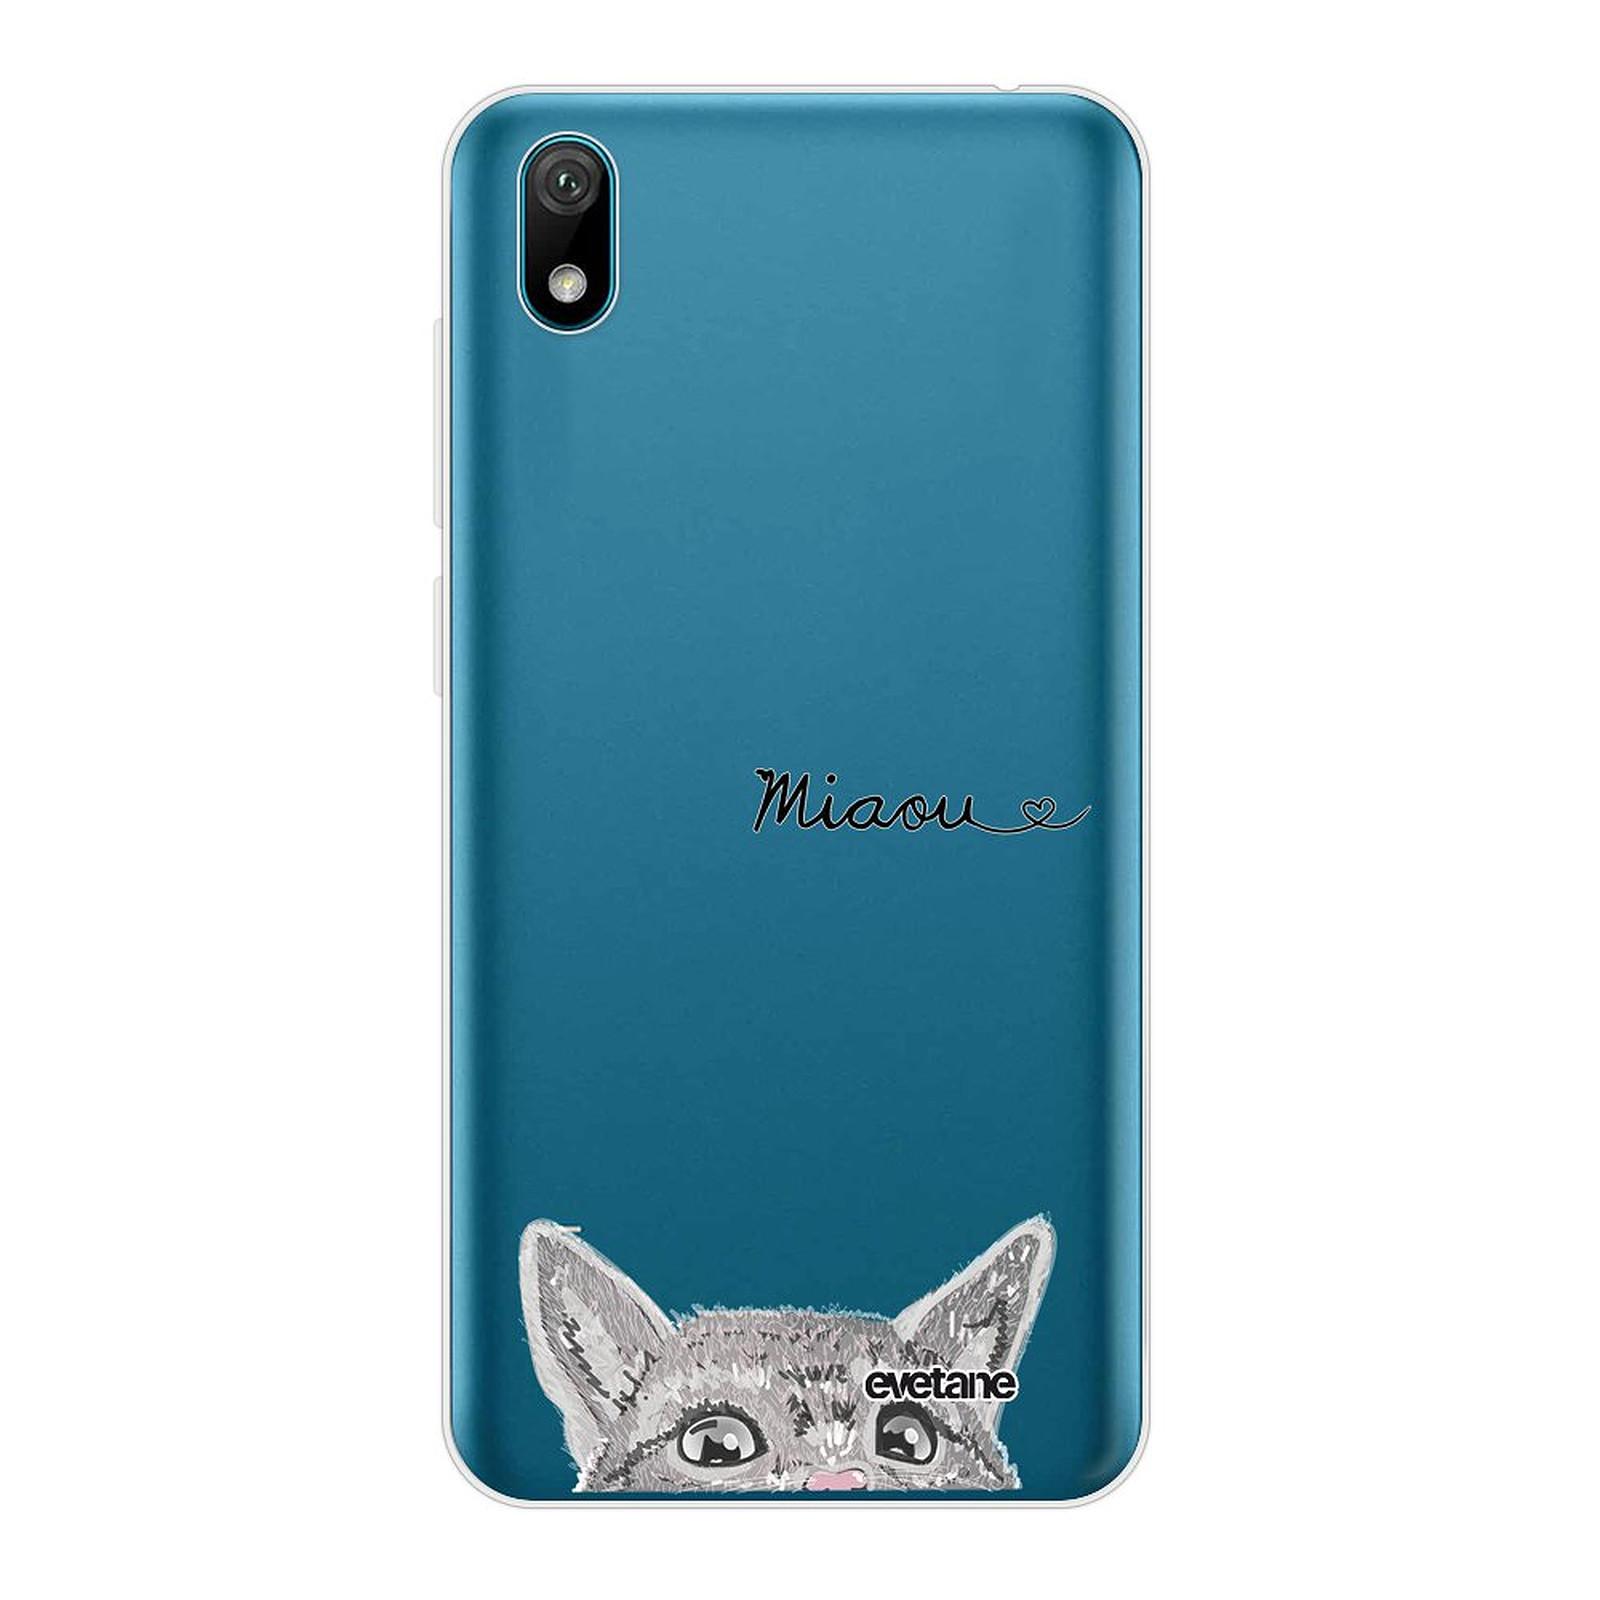 EVETANE Coque Huawei Y5 2019 souple transparente Chat Miaou - Coque téléphone Evetane sur LDLC